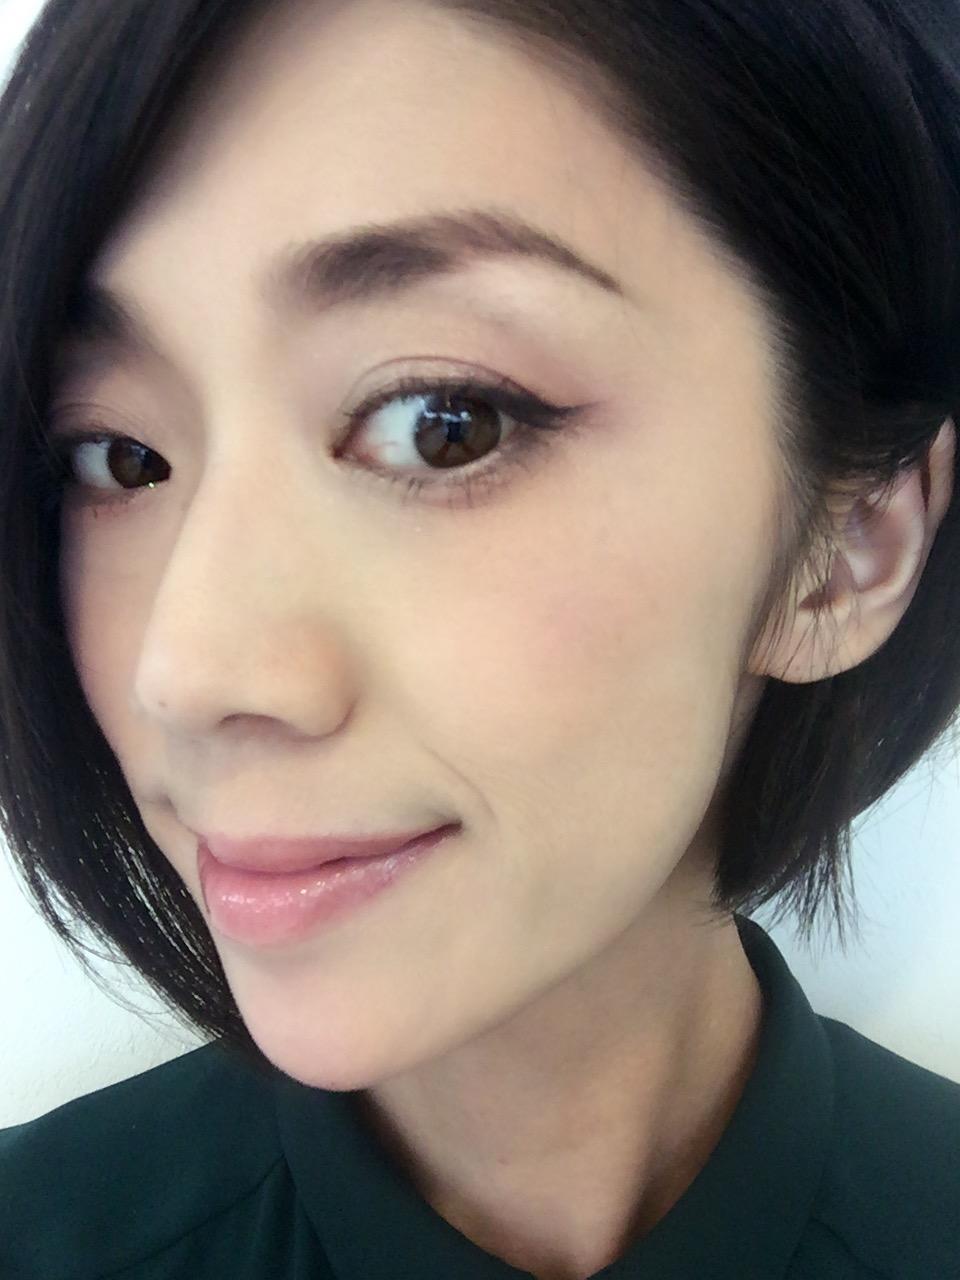 ヘアメイク メイク スクール 福岡 プロ レッスン 美容 ブログ 運気 幸運 表情筋 婚活 恋愛 恋活 就活